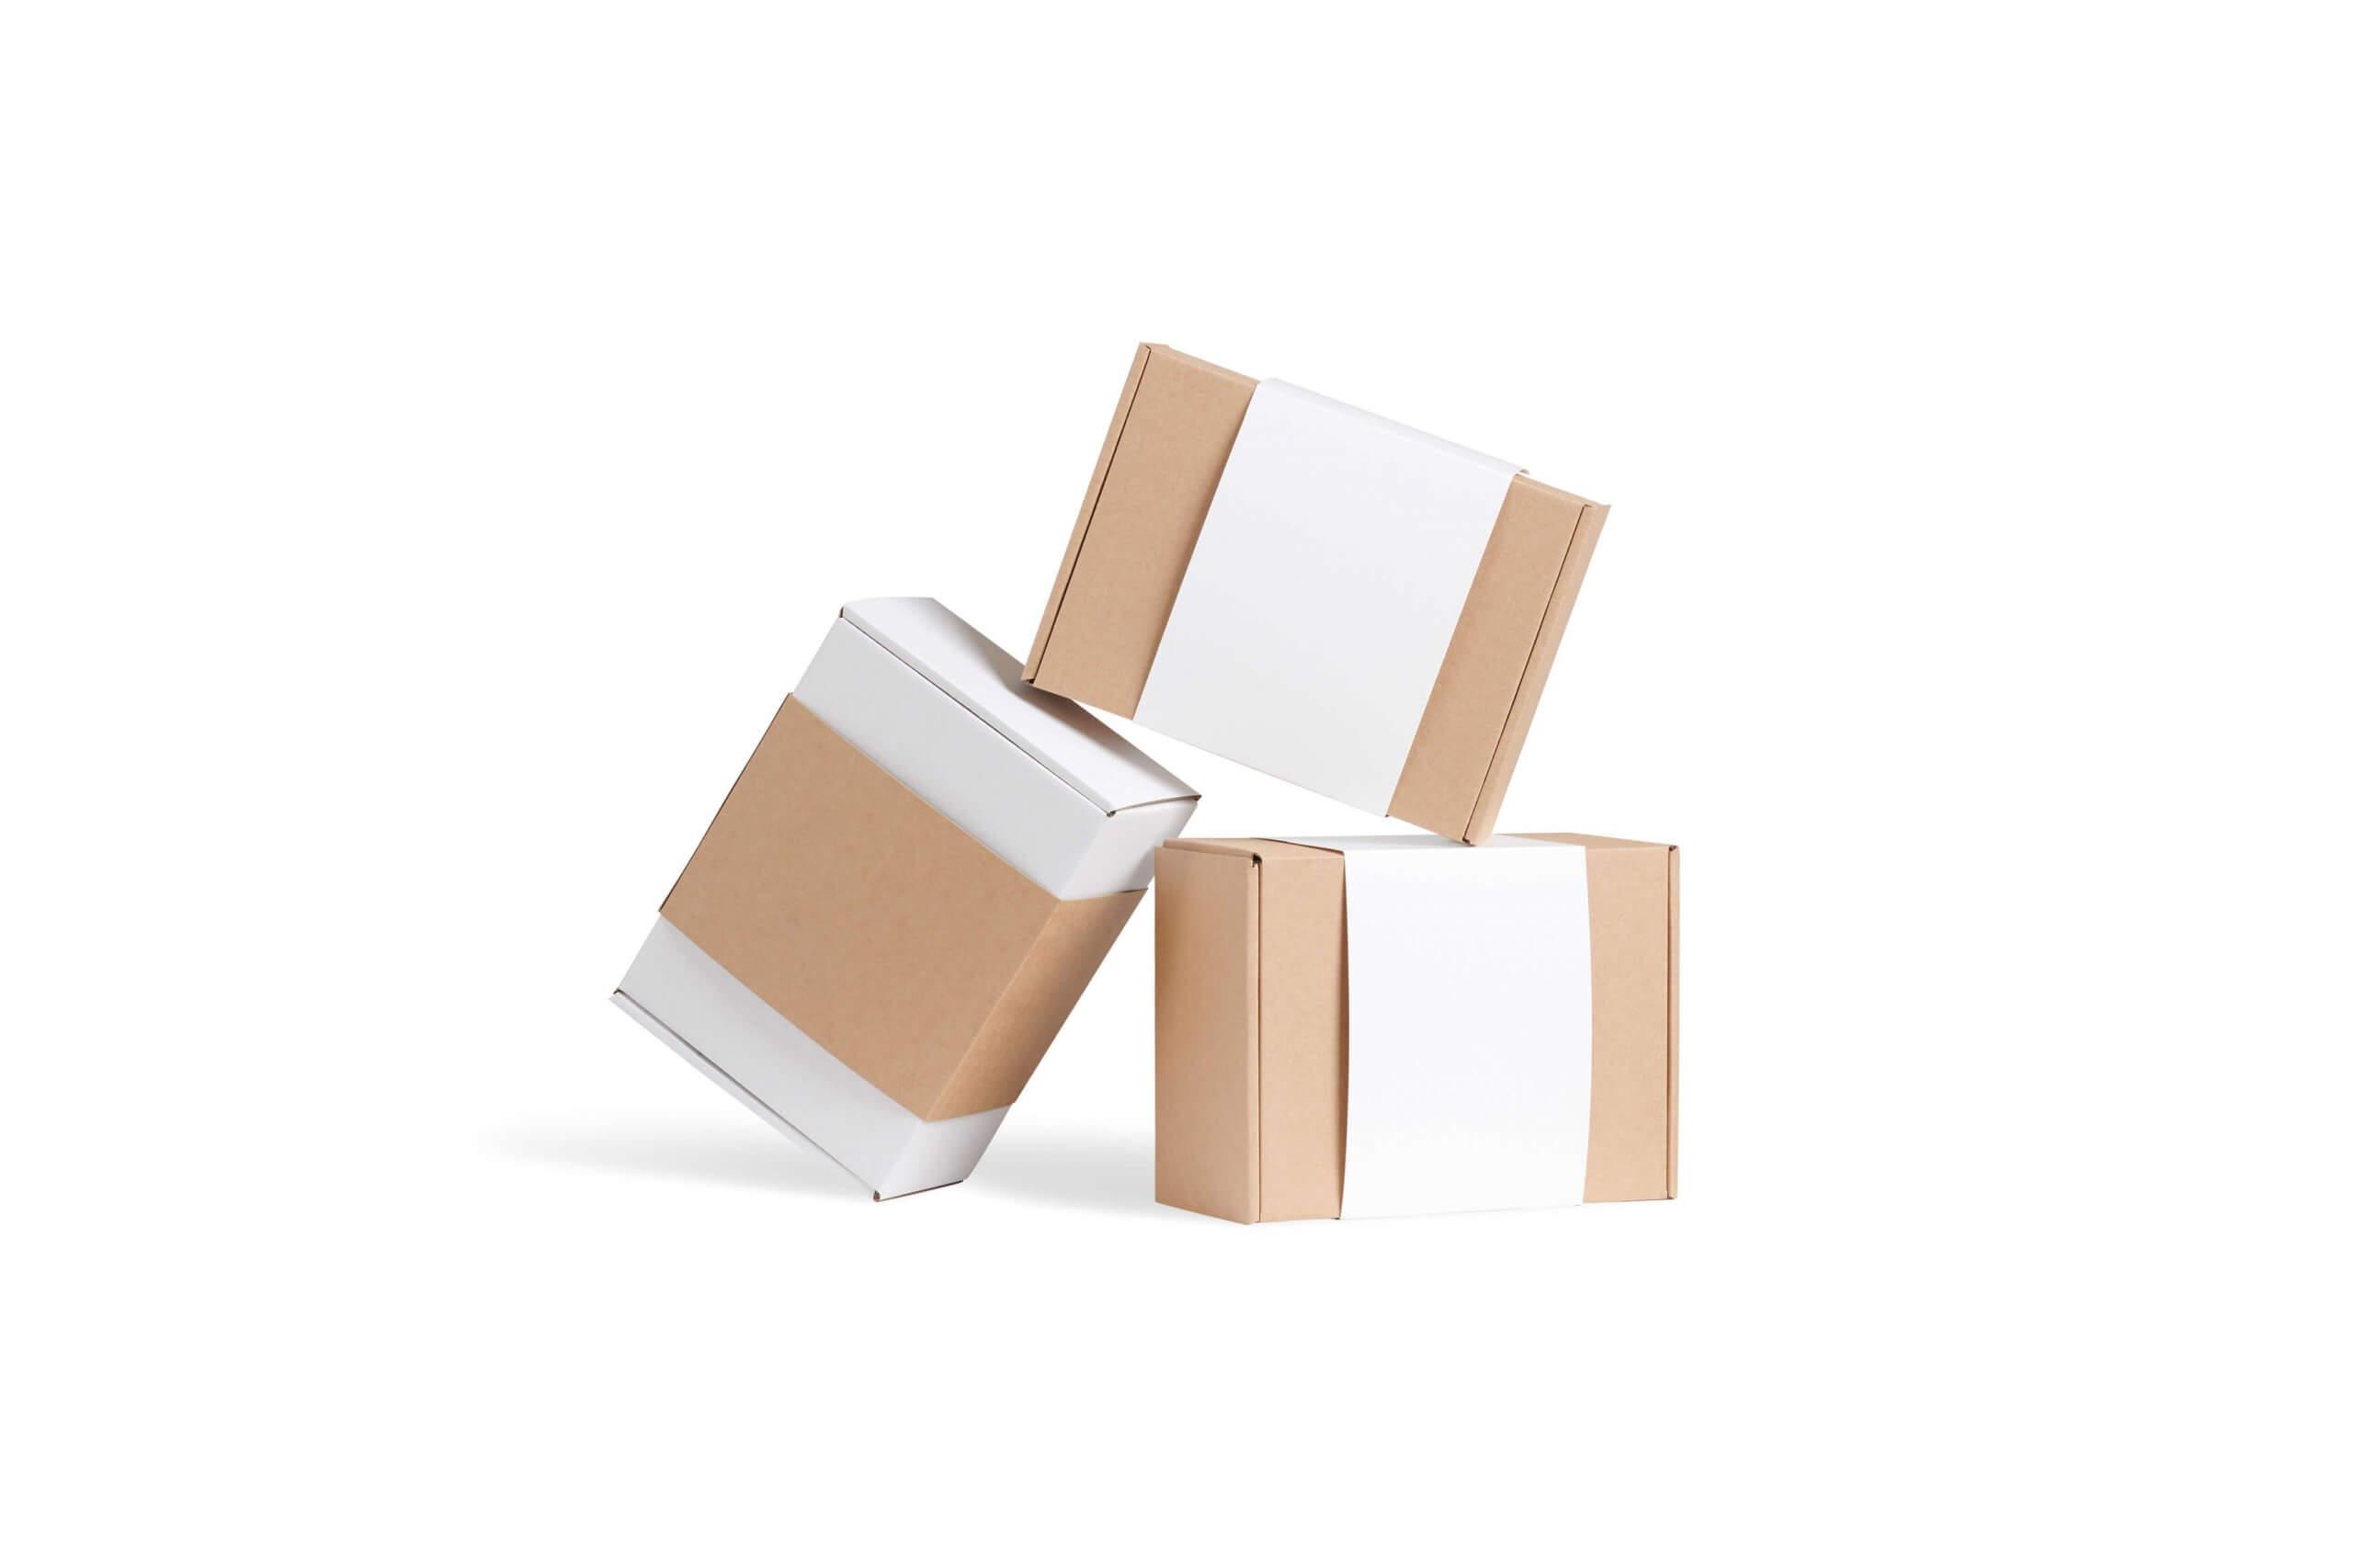 cajas postales de cartón para realizar envíos internacionales